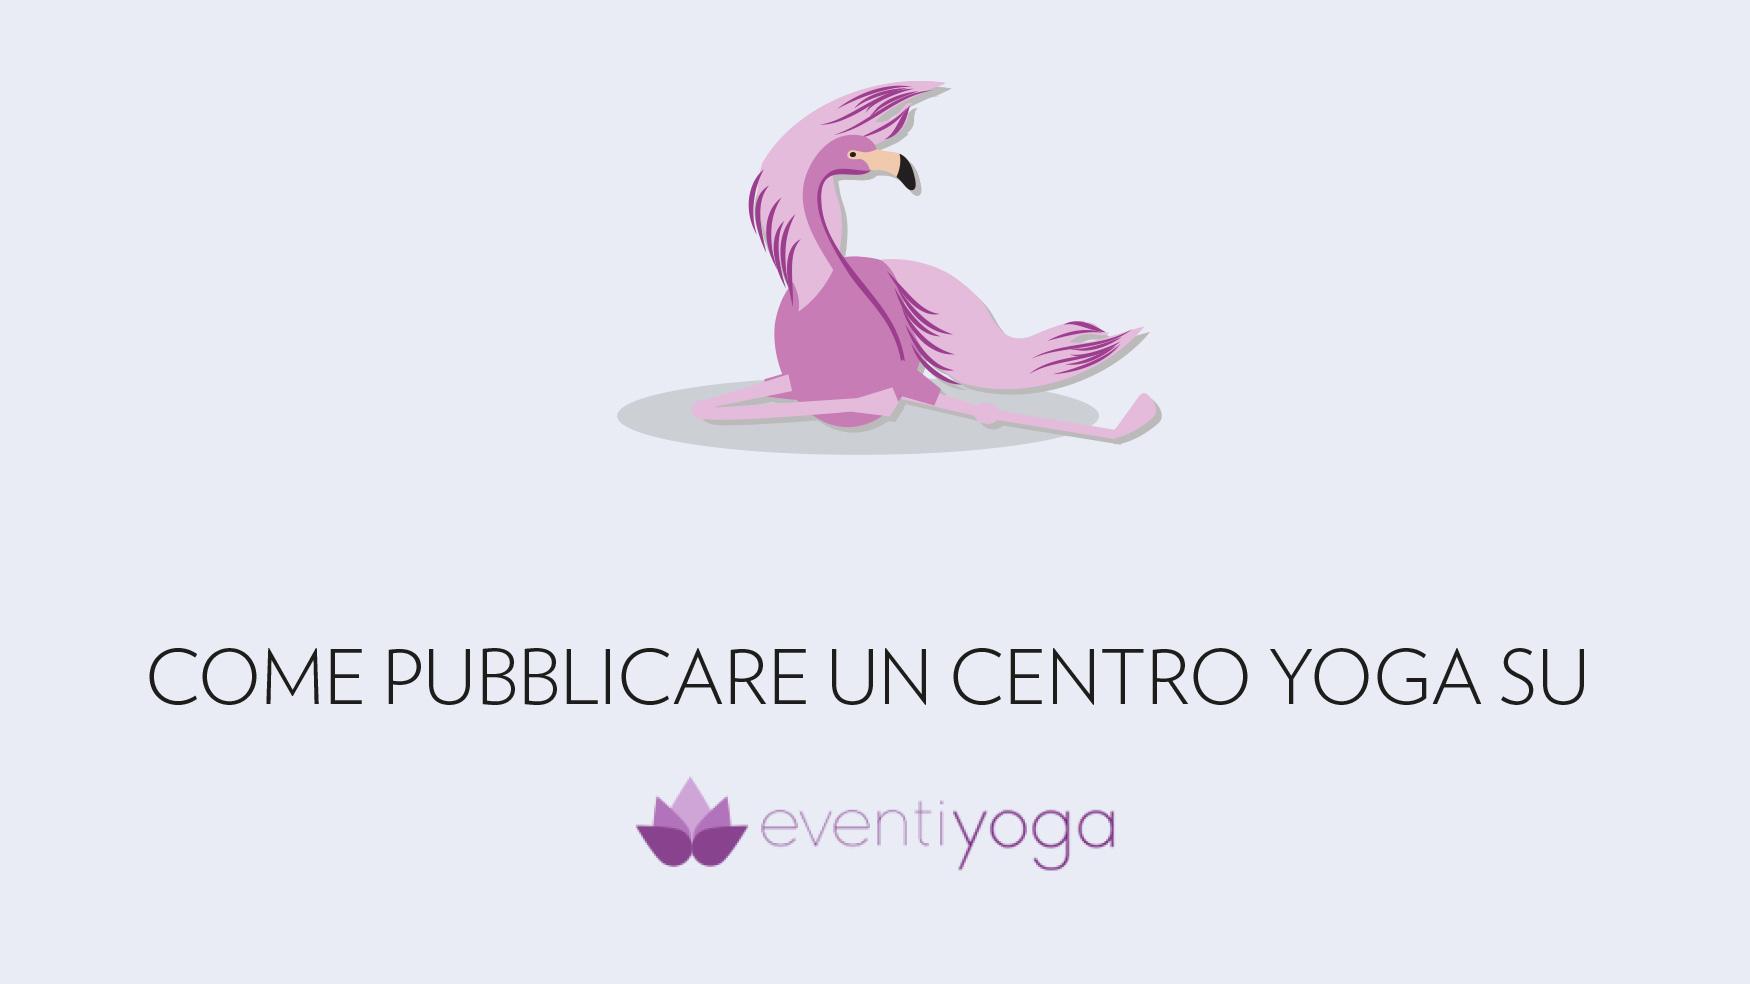 Come pubblicare un centro yoga su EventiYoga